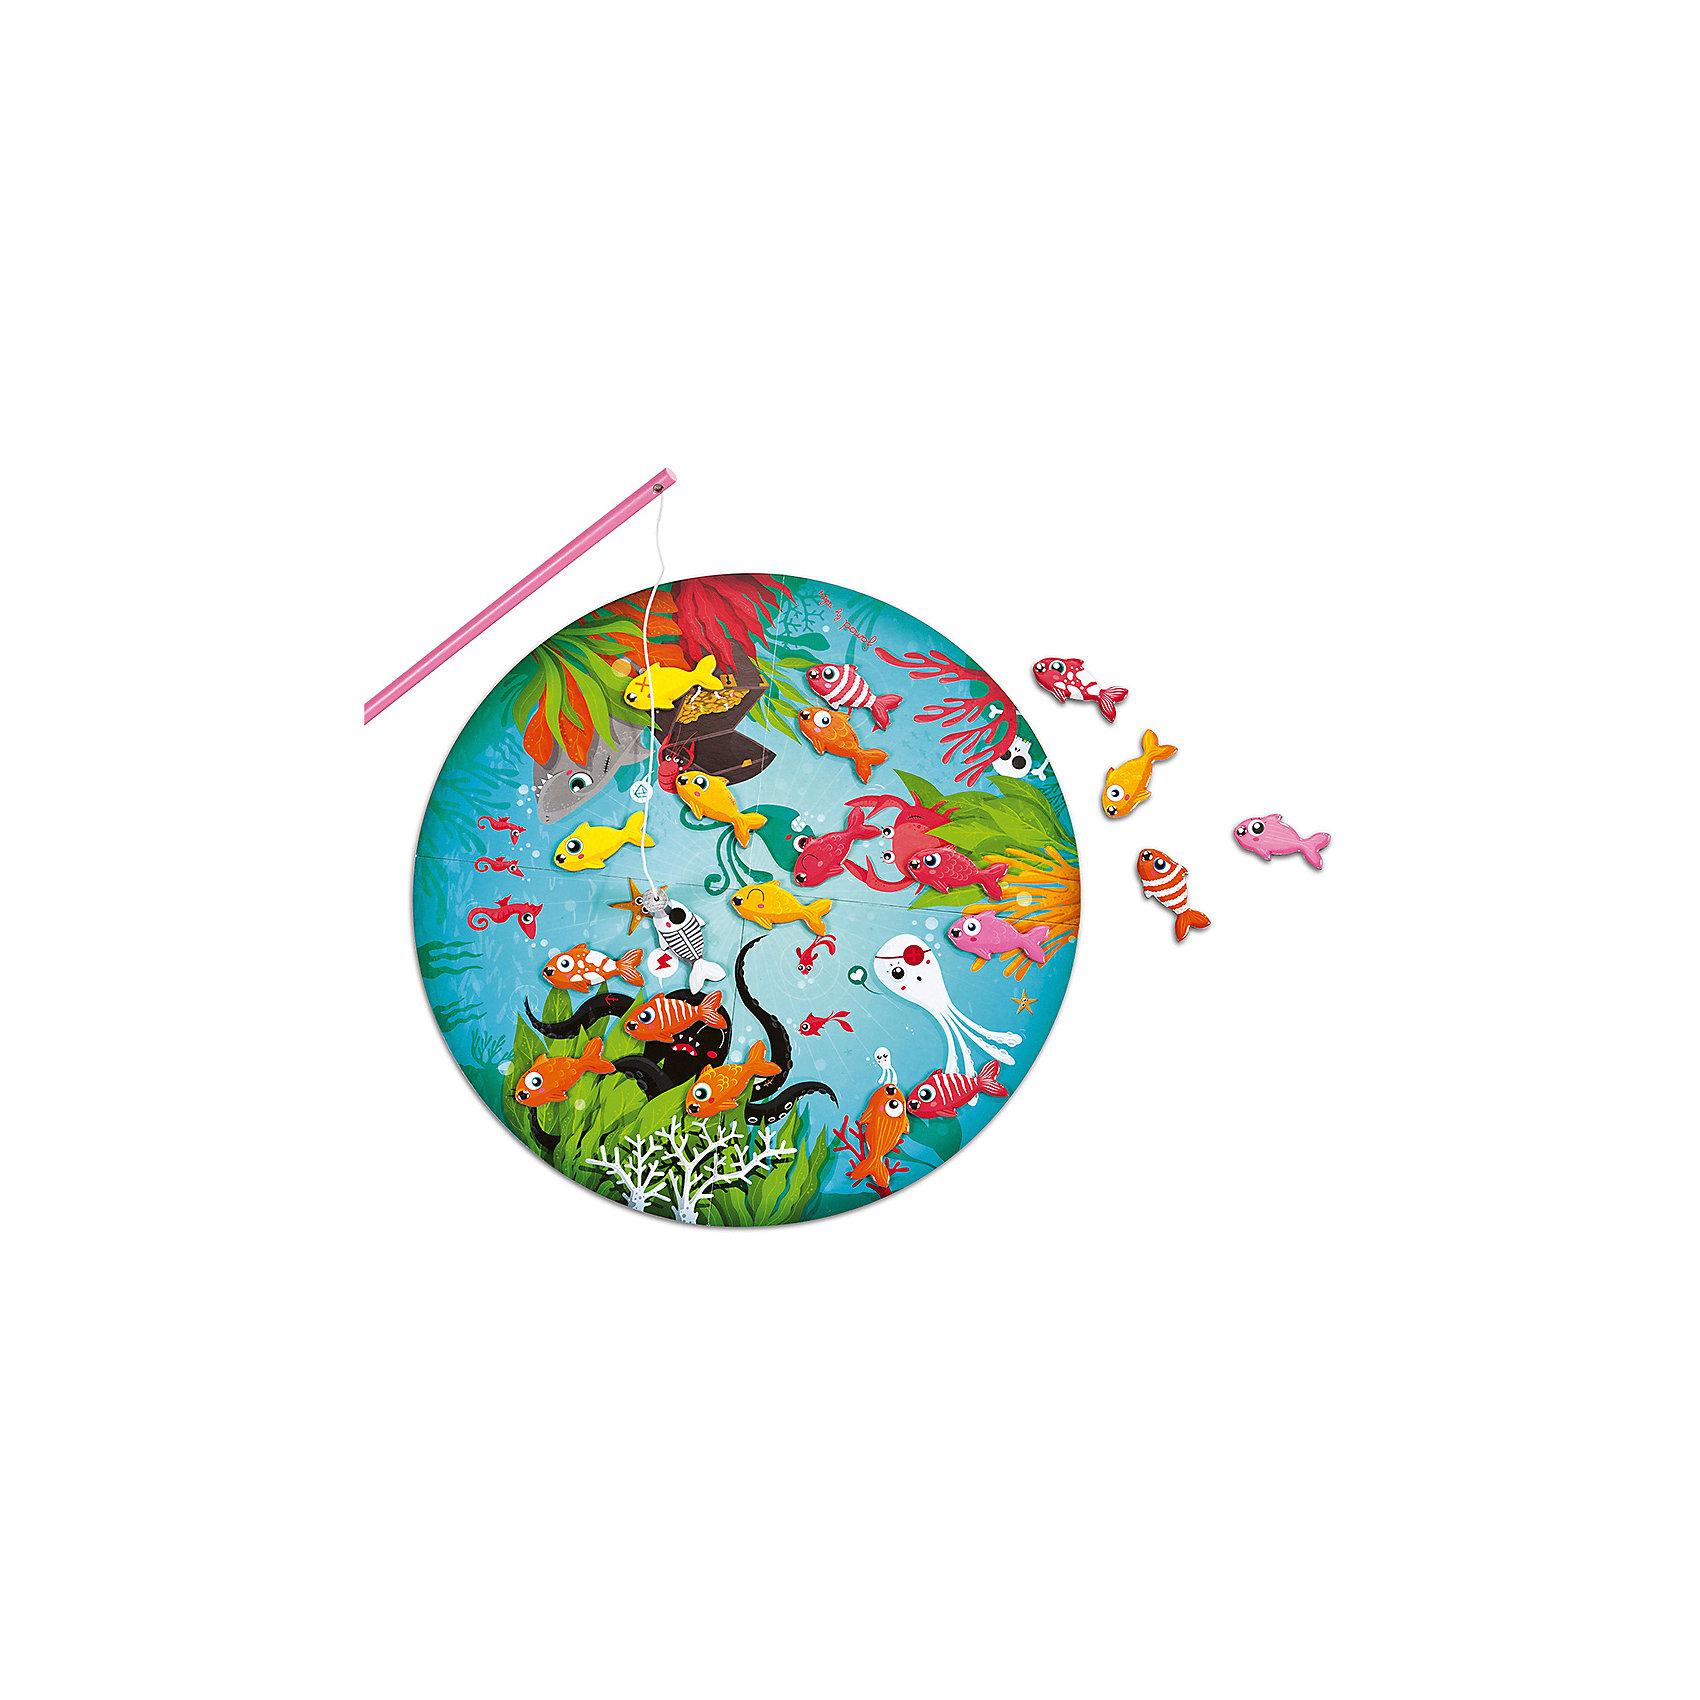 Настольная магнитная игра Рыбалка, JanodНастольные игры для всей семьи<br>Настольные игры - отличный способ развивать способности ребенка в занимательной форме. Рыбалка - любимое занятие многих детей. Эта игра очень удобна - ее можно брать с собой в дорогу, благодаря продуманной форме хранится она очень компактно. Она развивает также мелкую моторику, воображение, логическое мышление, цветовосприятие. Такая игра надолго занимает детей и помогает увлекательно провести время!<br>Настольная игра Рыбалка состоит из 20 рыбок, 20 карточек, 4 удочек и игрового поля. Каждый игрок вытаскивает карточку с изображением рыбки, после чего должен найти такую же не поле и поймать. Выигрывает тот, кто быстрее найдет своих рыбок и достанет магнитной удочкой. Игра разработана опытными специалистами, сделана из высококачественных материалов, безопасных для детей.<br><br>Дополнительная информация:<br><br>материал: дерево, магнит, картон;<br>размер поля: 40 см;<br>размер упаковки: 26 х 23 х 8 см;<br>комплектация:  поле, 20 карточек, 4 удочки, 20 рыбок.<br><br>Настольную магнитную игру Рыбалка от компании Janod можно купить в нашем магазине.<br><br>Ширина мм: 240<br>Глубина мм: 270<br>Высота мм: 90<br>Вес г: 826<br>Возраст от месяцев: 72<br>Возраст до месяцев: 120<br>Пол: Унисекс<br>Возраст: Детский<br>SKU: 2410275